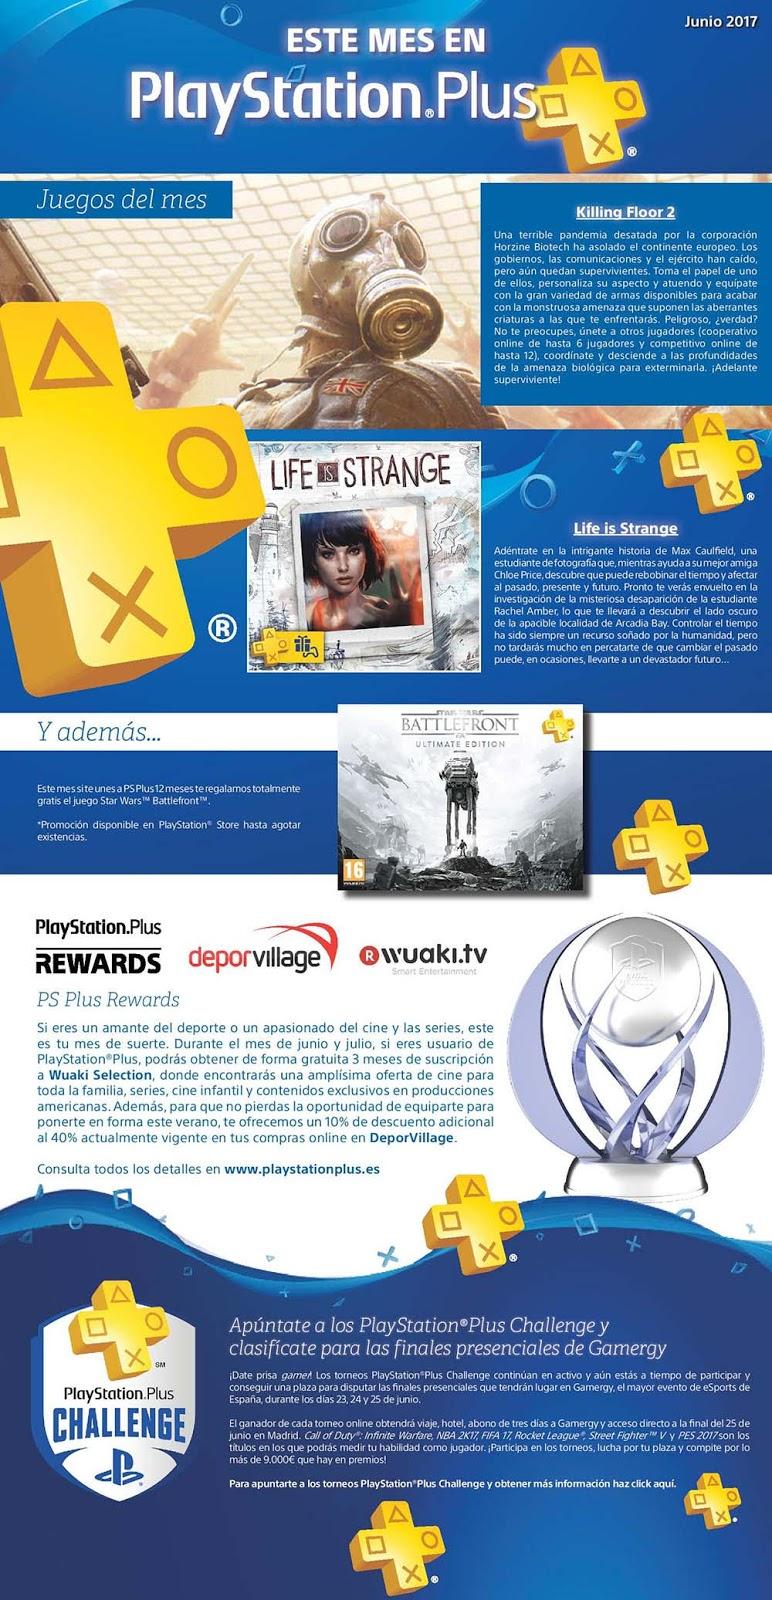 PlayStation Plus en junio: Challenge, Star Wars Battlefront gratis al suscribir y más